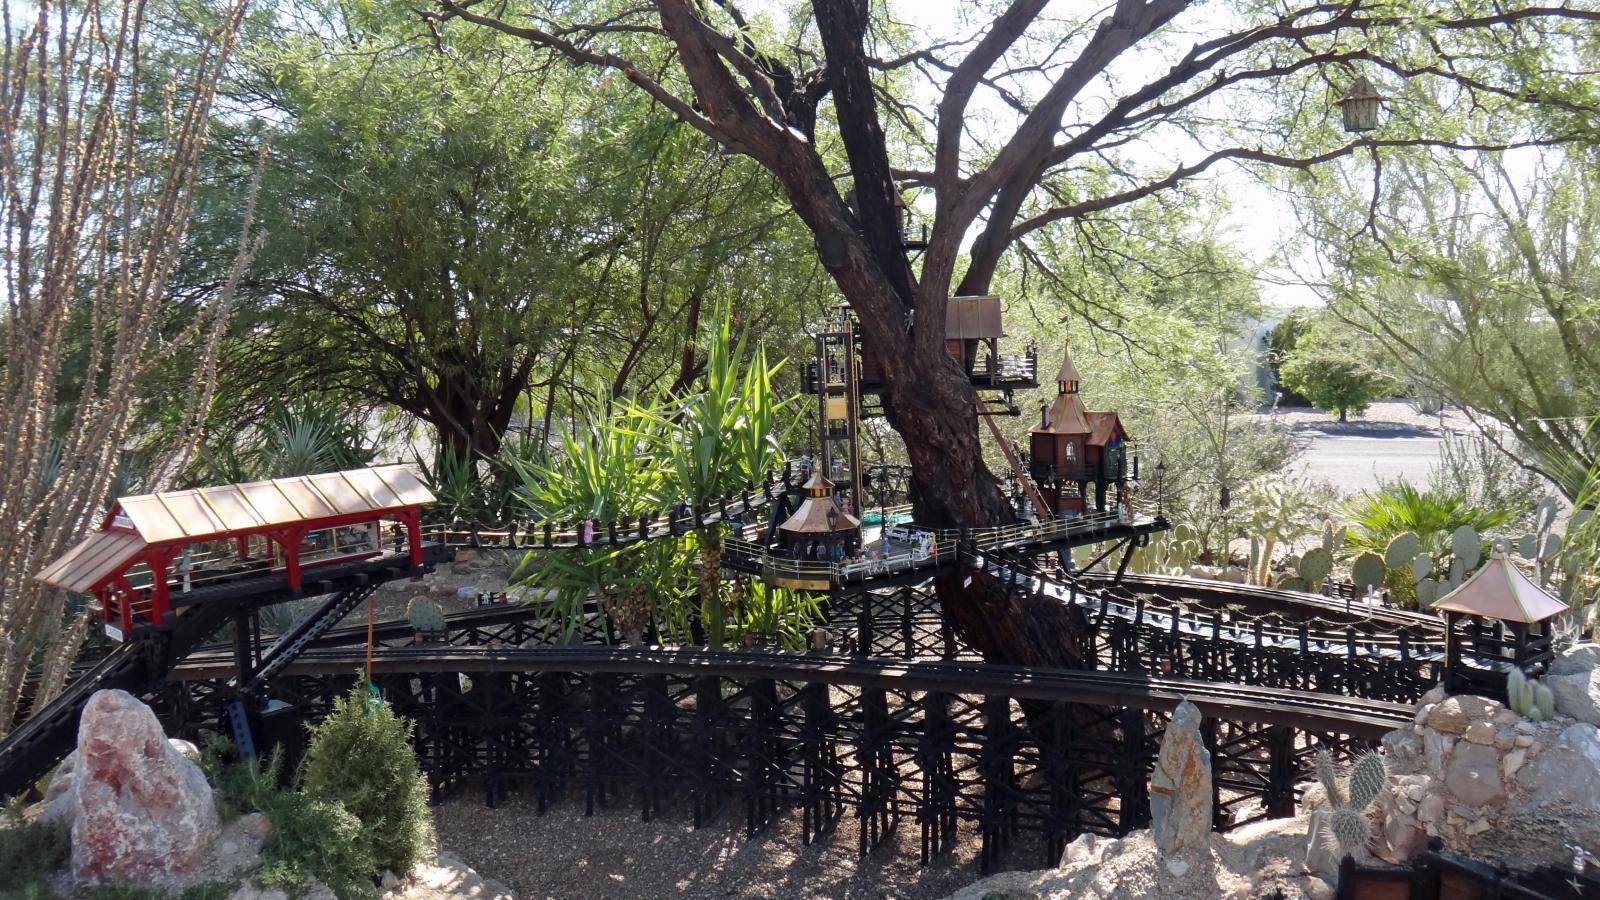 Garden Railway Treehouse Remodeled-63.JPG